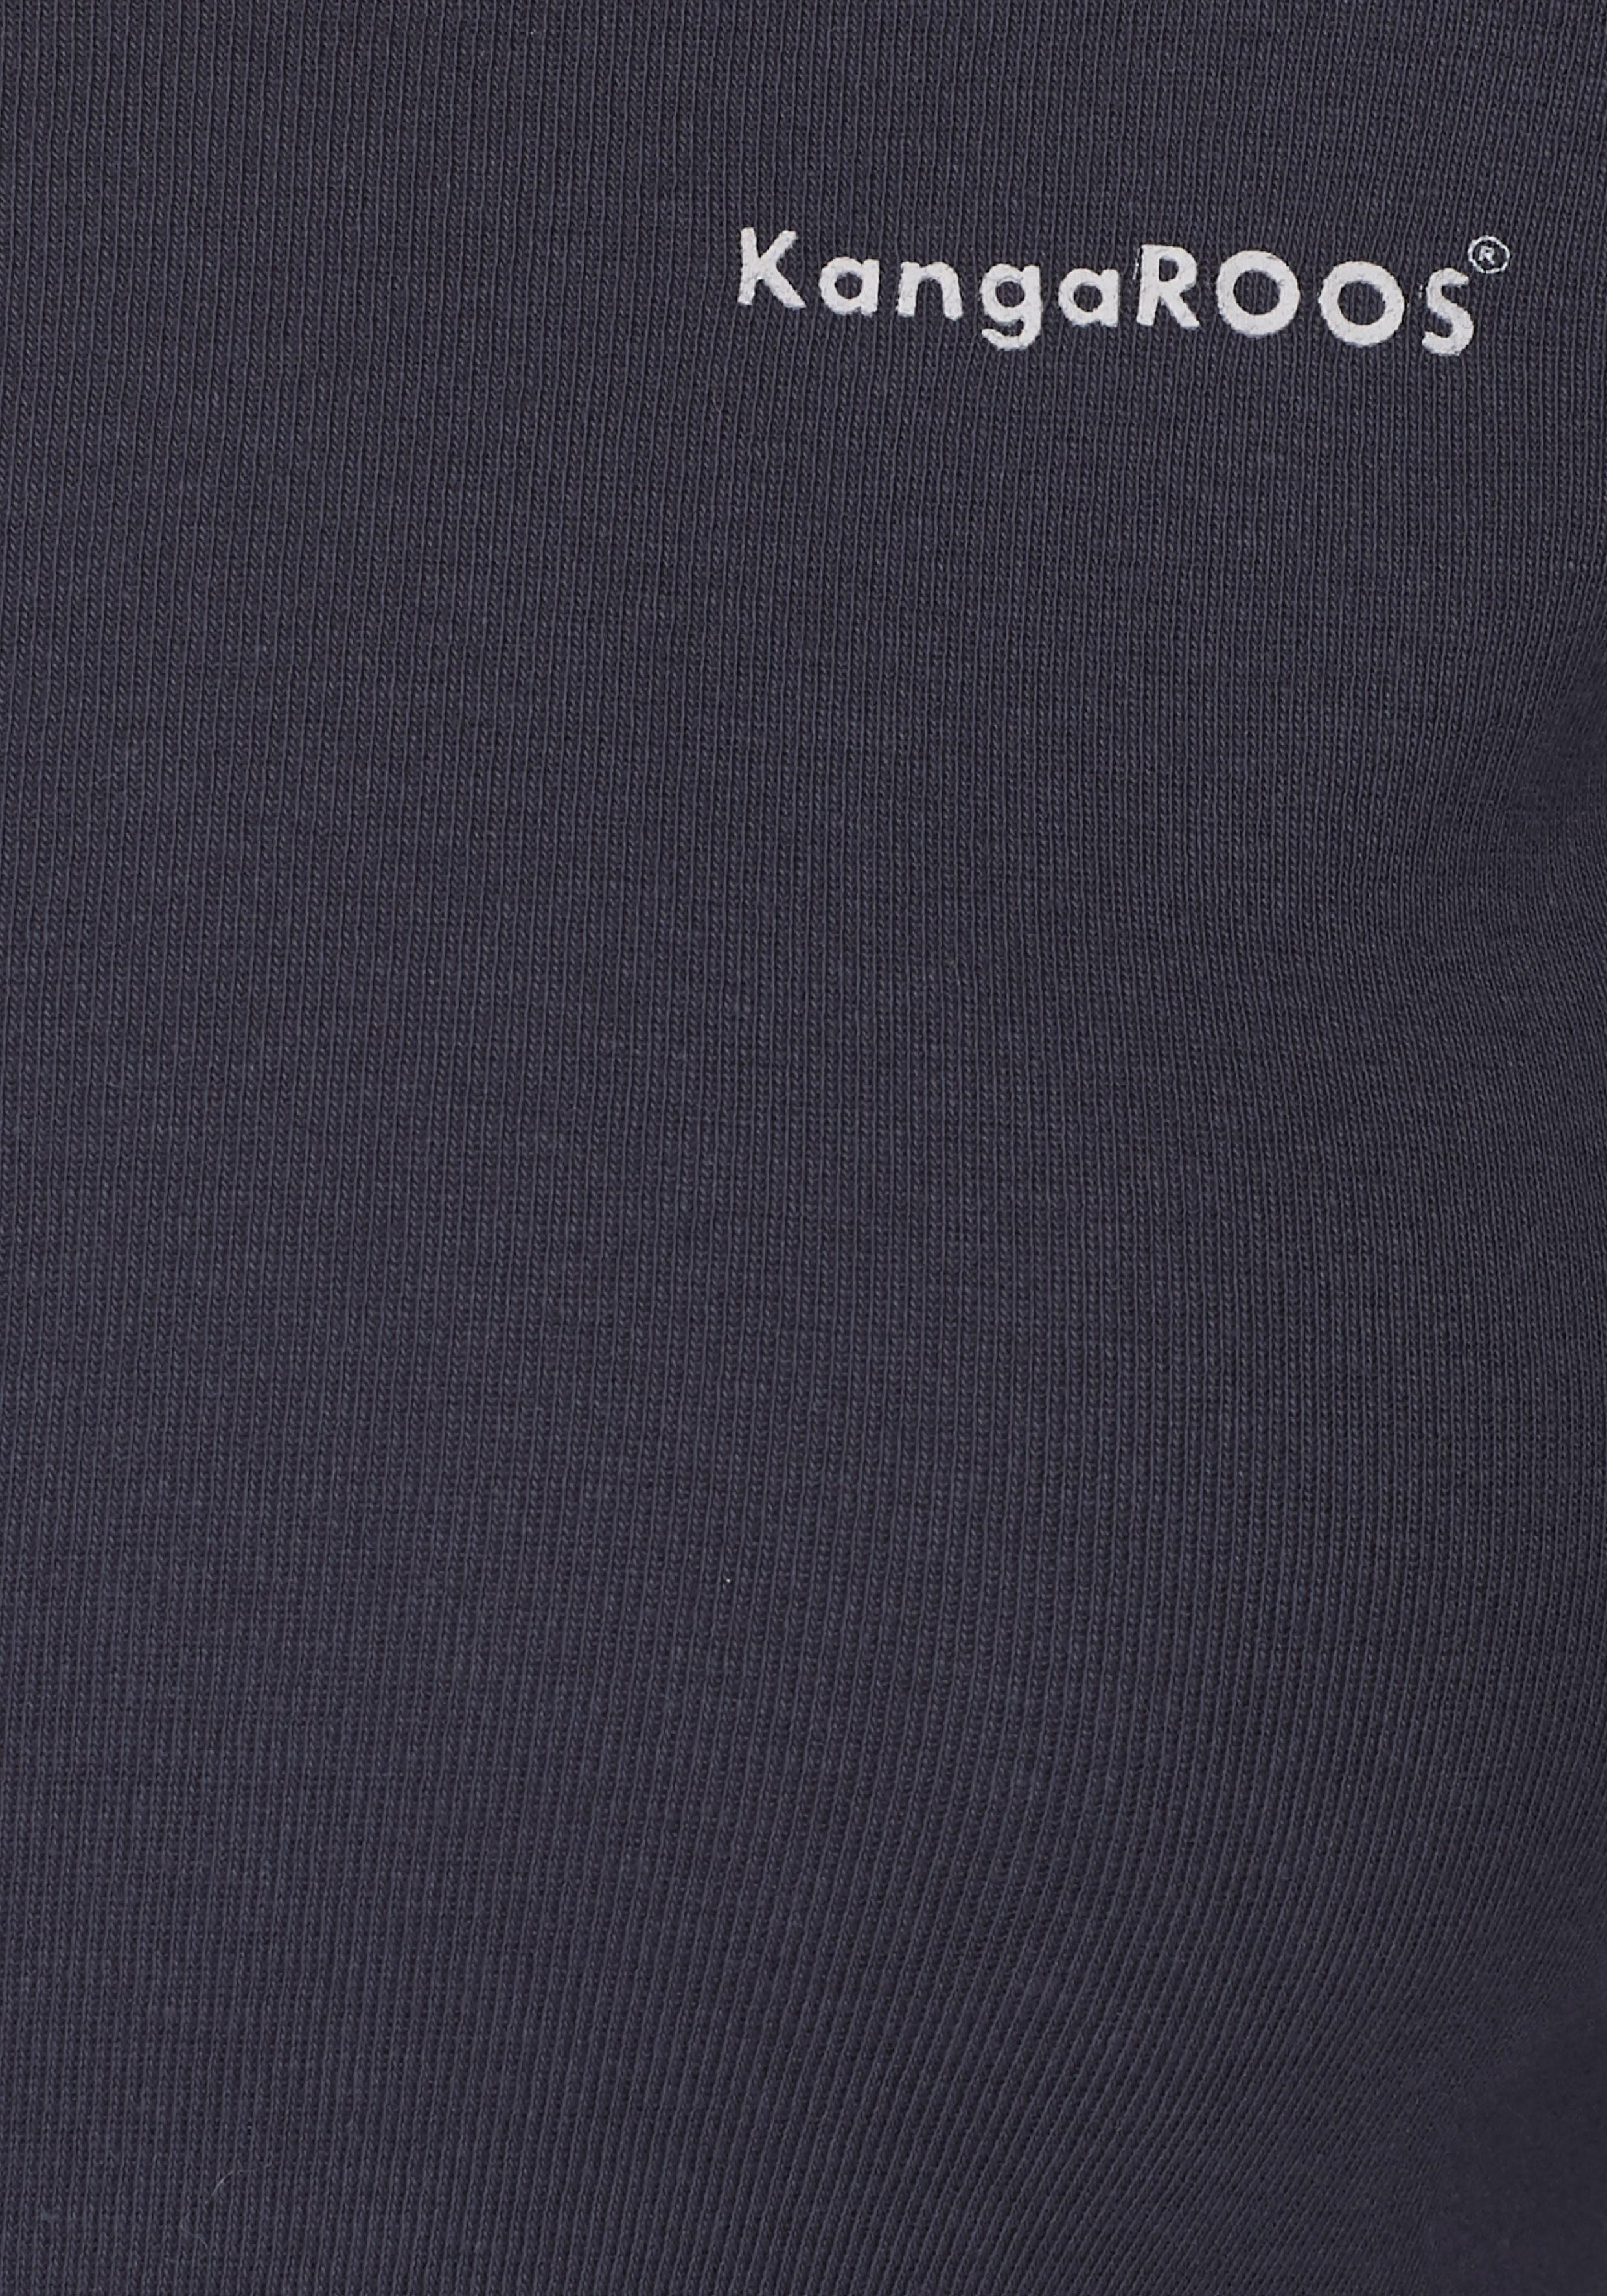 Kangaroos Shirt Met Lange Mouwen Makkelijk Gevonden - Geweldige Prijs